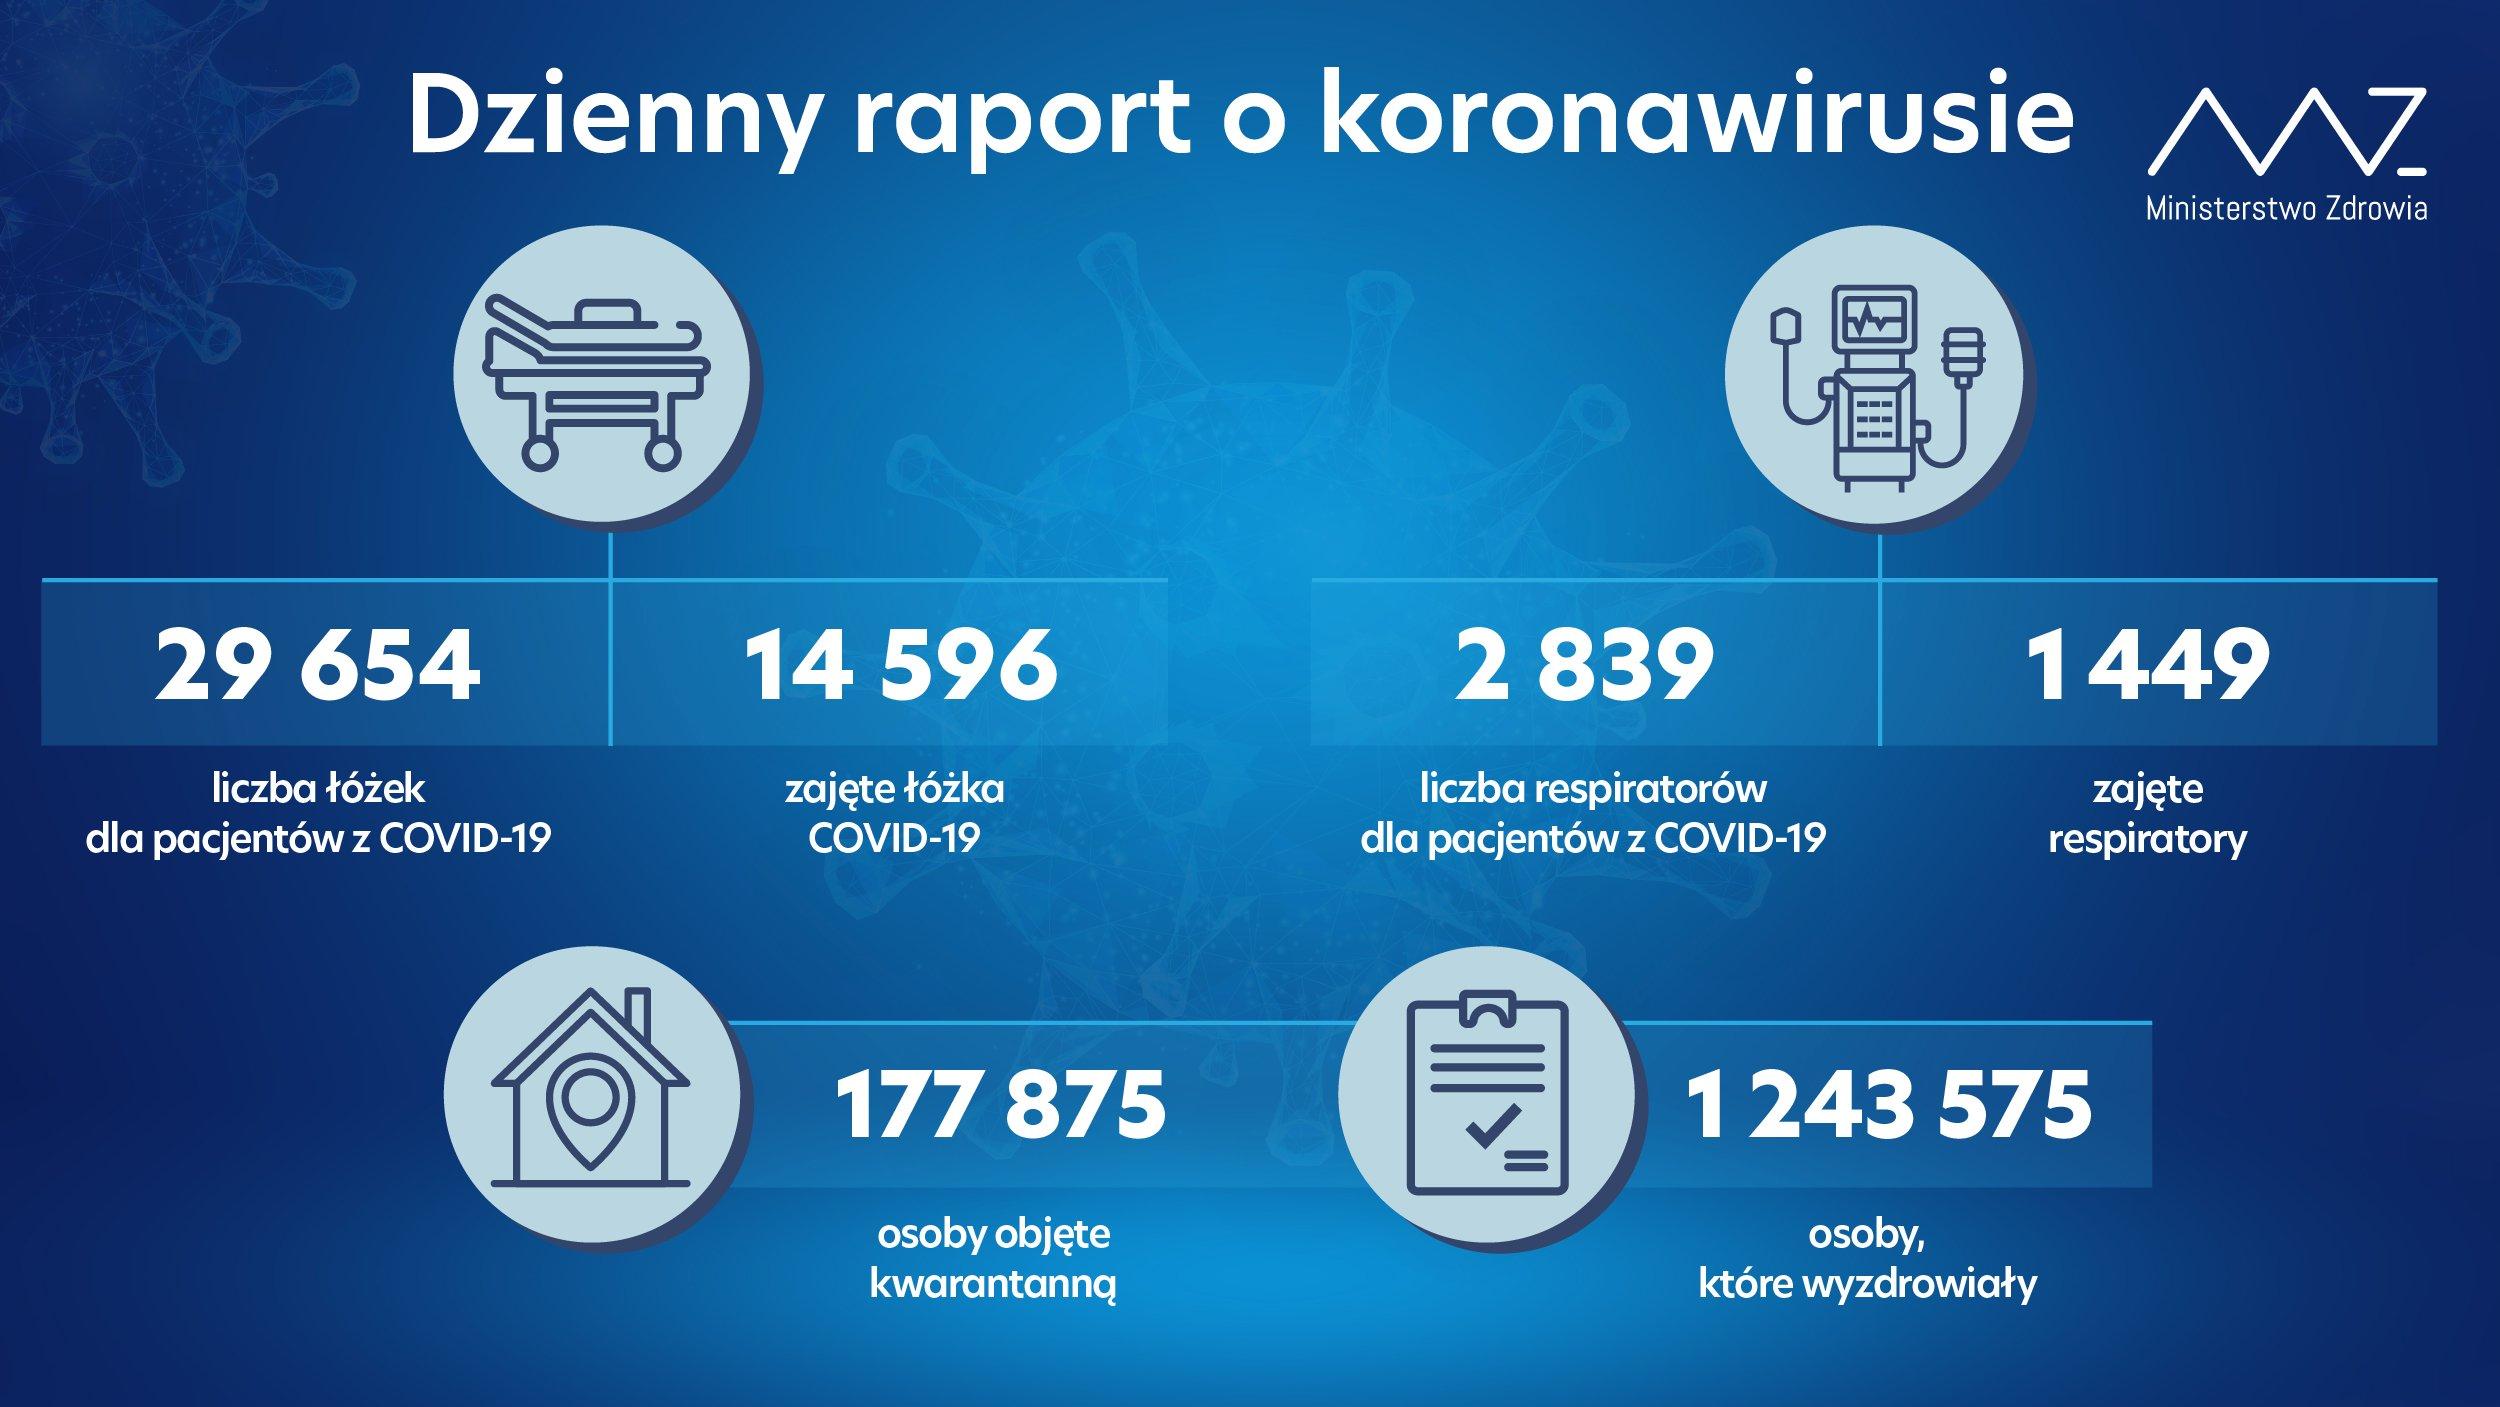 - liczba łóżek dla pacjentów z COVID-19: 29 654 - liczba łóżek zajętych: 14 596  - liczba respiratorów dla pacjentów z COVID-19: 2 839 - liczba zajętych respiratorów: 1 449  - liczba osób objętych kwarantanną: 177 875 - liczba osób, które wyzdrowiały: 1 243 575  Z uwagi na fakt, że podawana w codziennych raportach informacja o liczbie osób objętych nadzorem sanitarno-epidemiologicznym nie stanowi od dłuższego czasu elementu obrazującego przebieg epidemii w Polsce i co za tym idzie nie jest wykorzystywana w bieżącej analizie, od dziś przestajemy uwzględniać tę pozycję w prezentowanych danych.